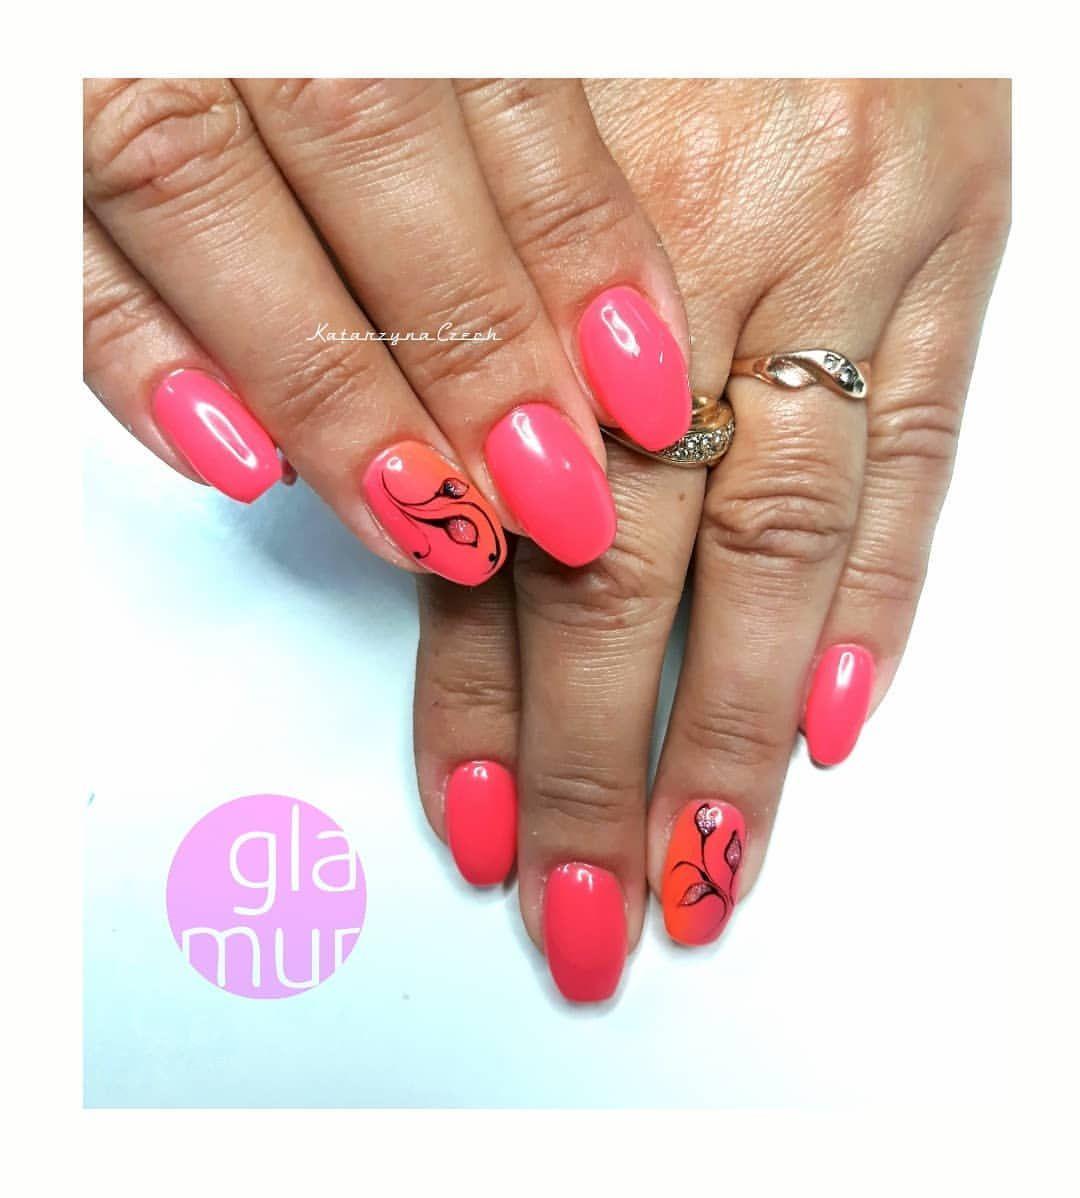 Paznokcie Zelowe Recznie Malowane Kwiaty Manicure Hybrydowy Paznokcie Spnnails Gelnails Glamurlodz Zdobie Gemstones Gemstone Rings Jewelry